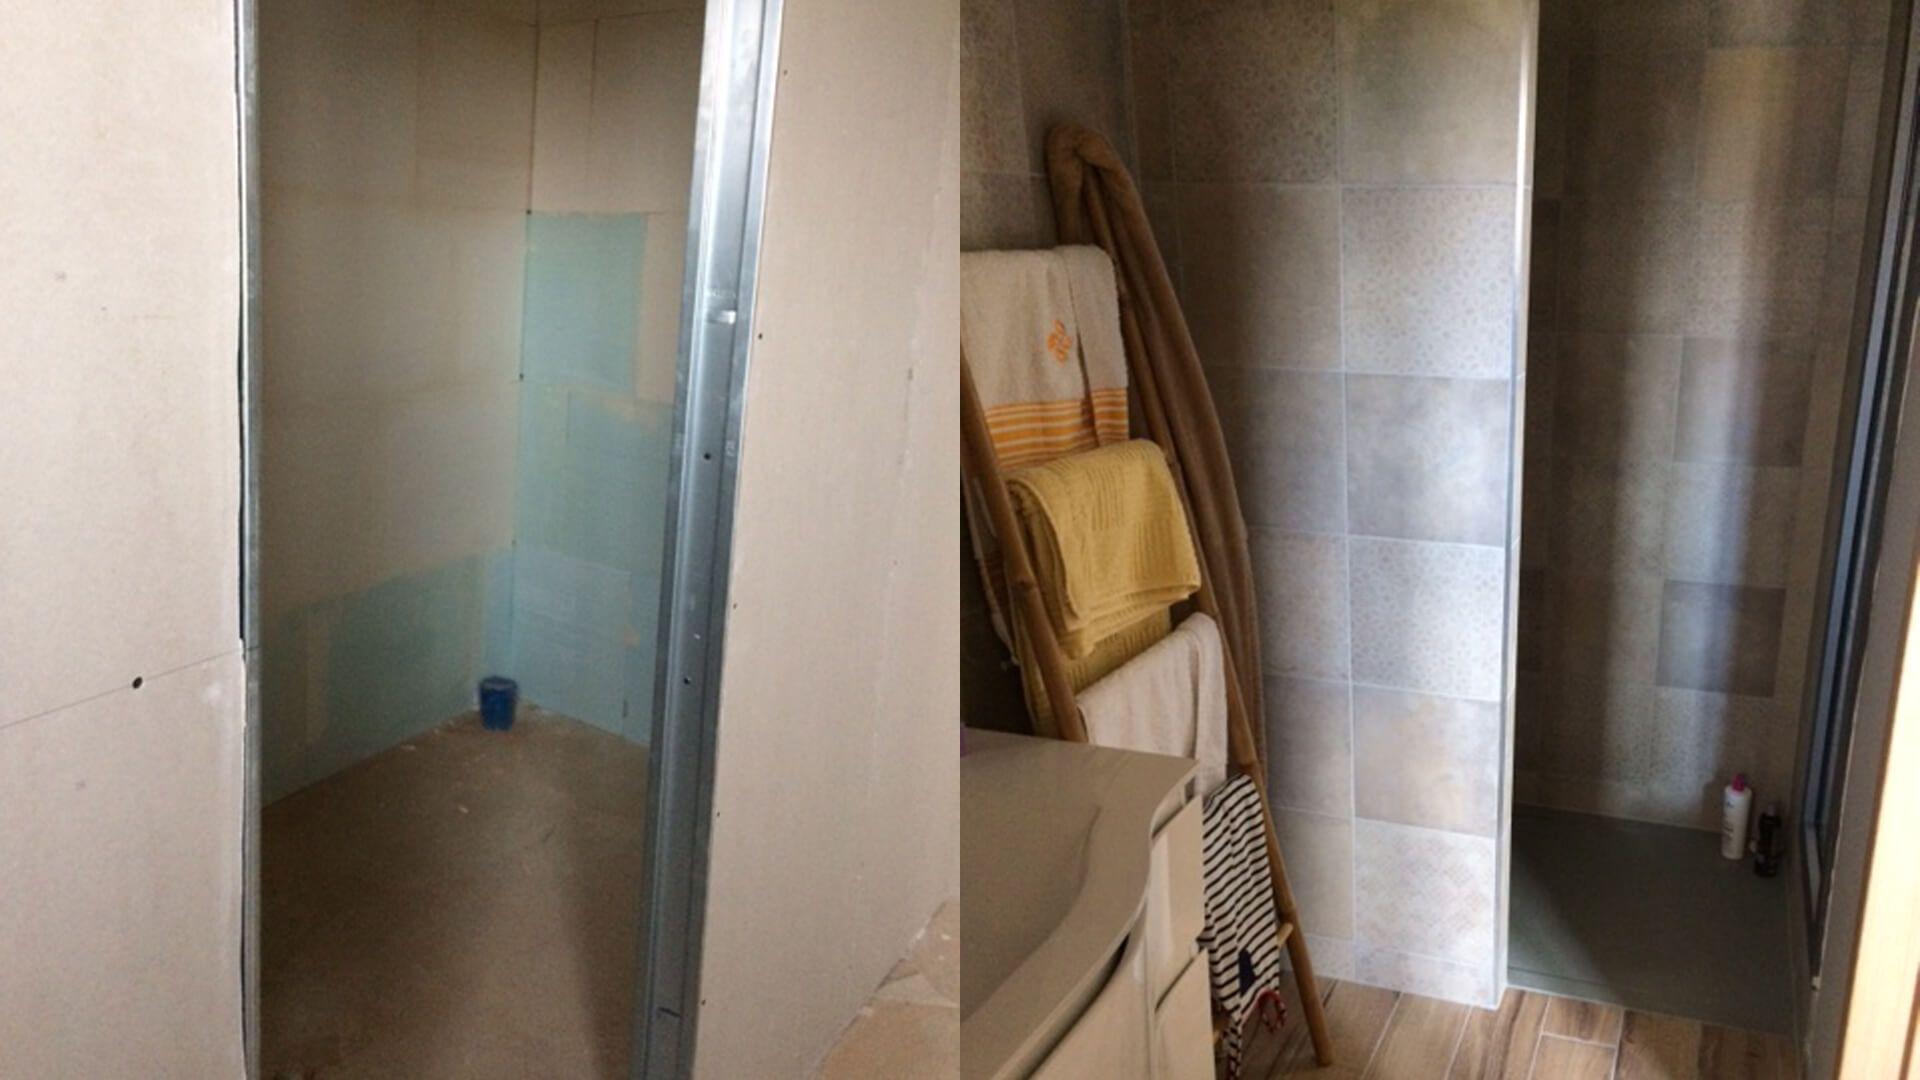 Monter Sa Salle De Bain rénovation salle de bains : conseils pour la pose de carrelage